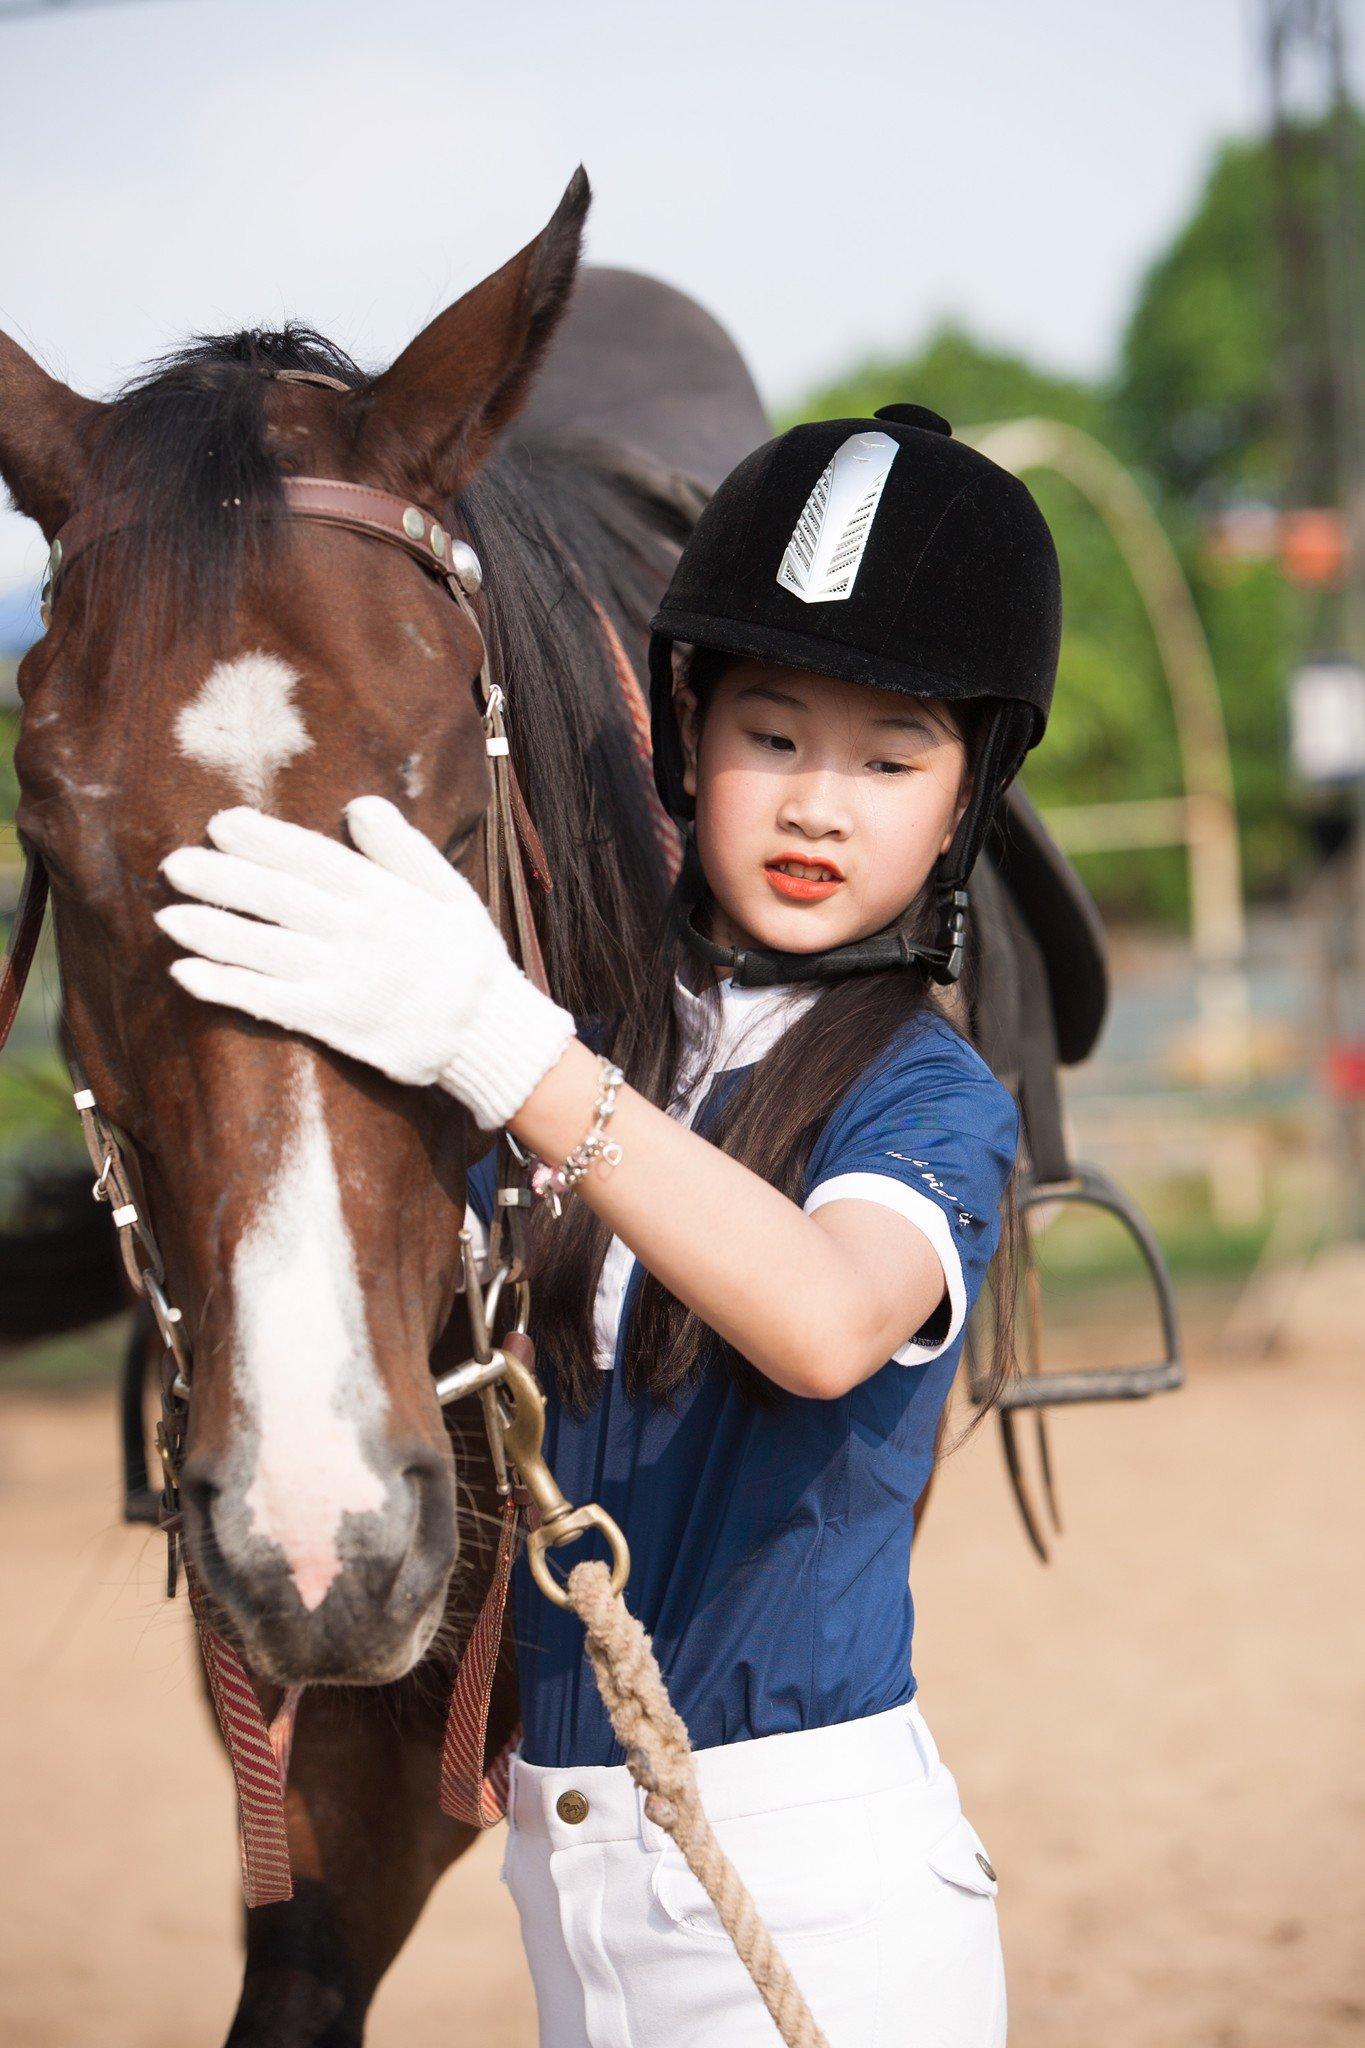 Cưỡi ngựa phong cách Anh - quý tộc.